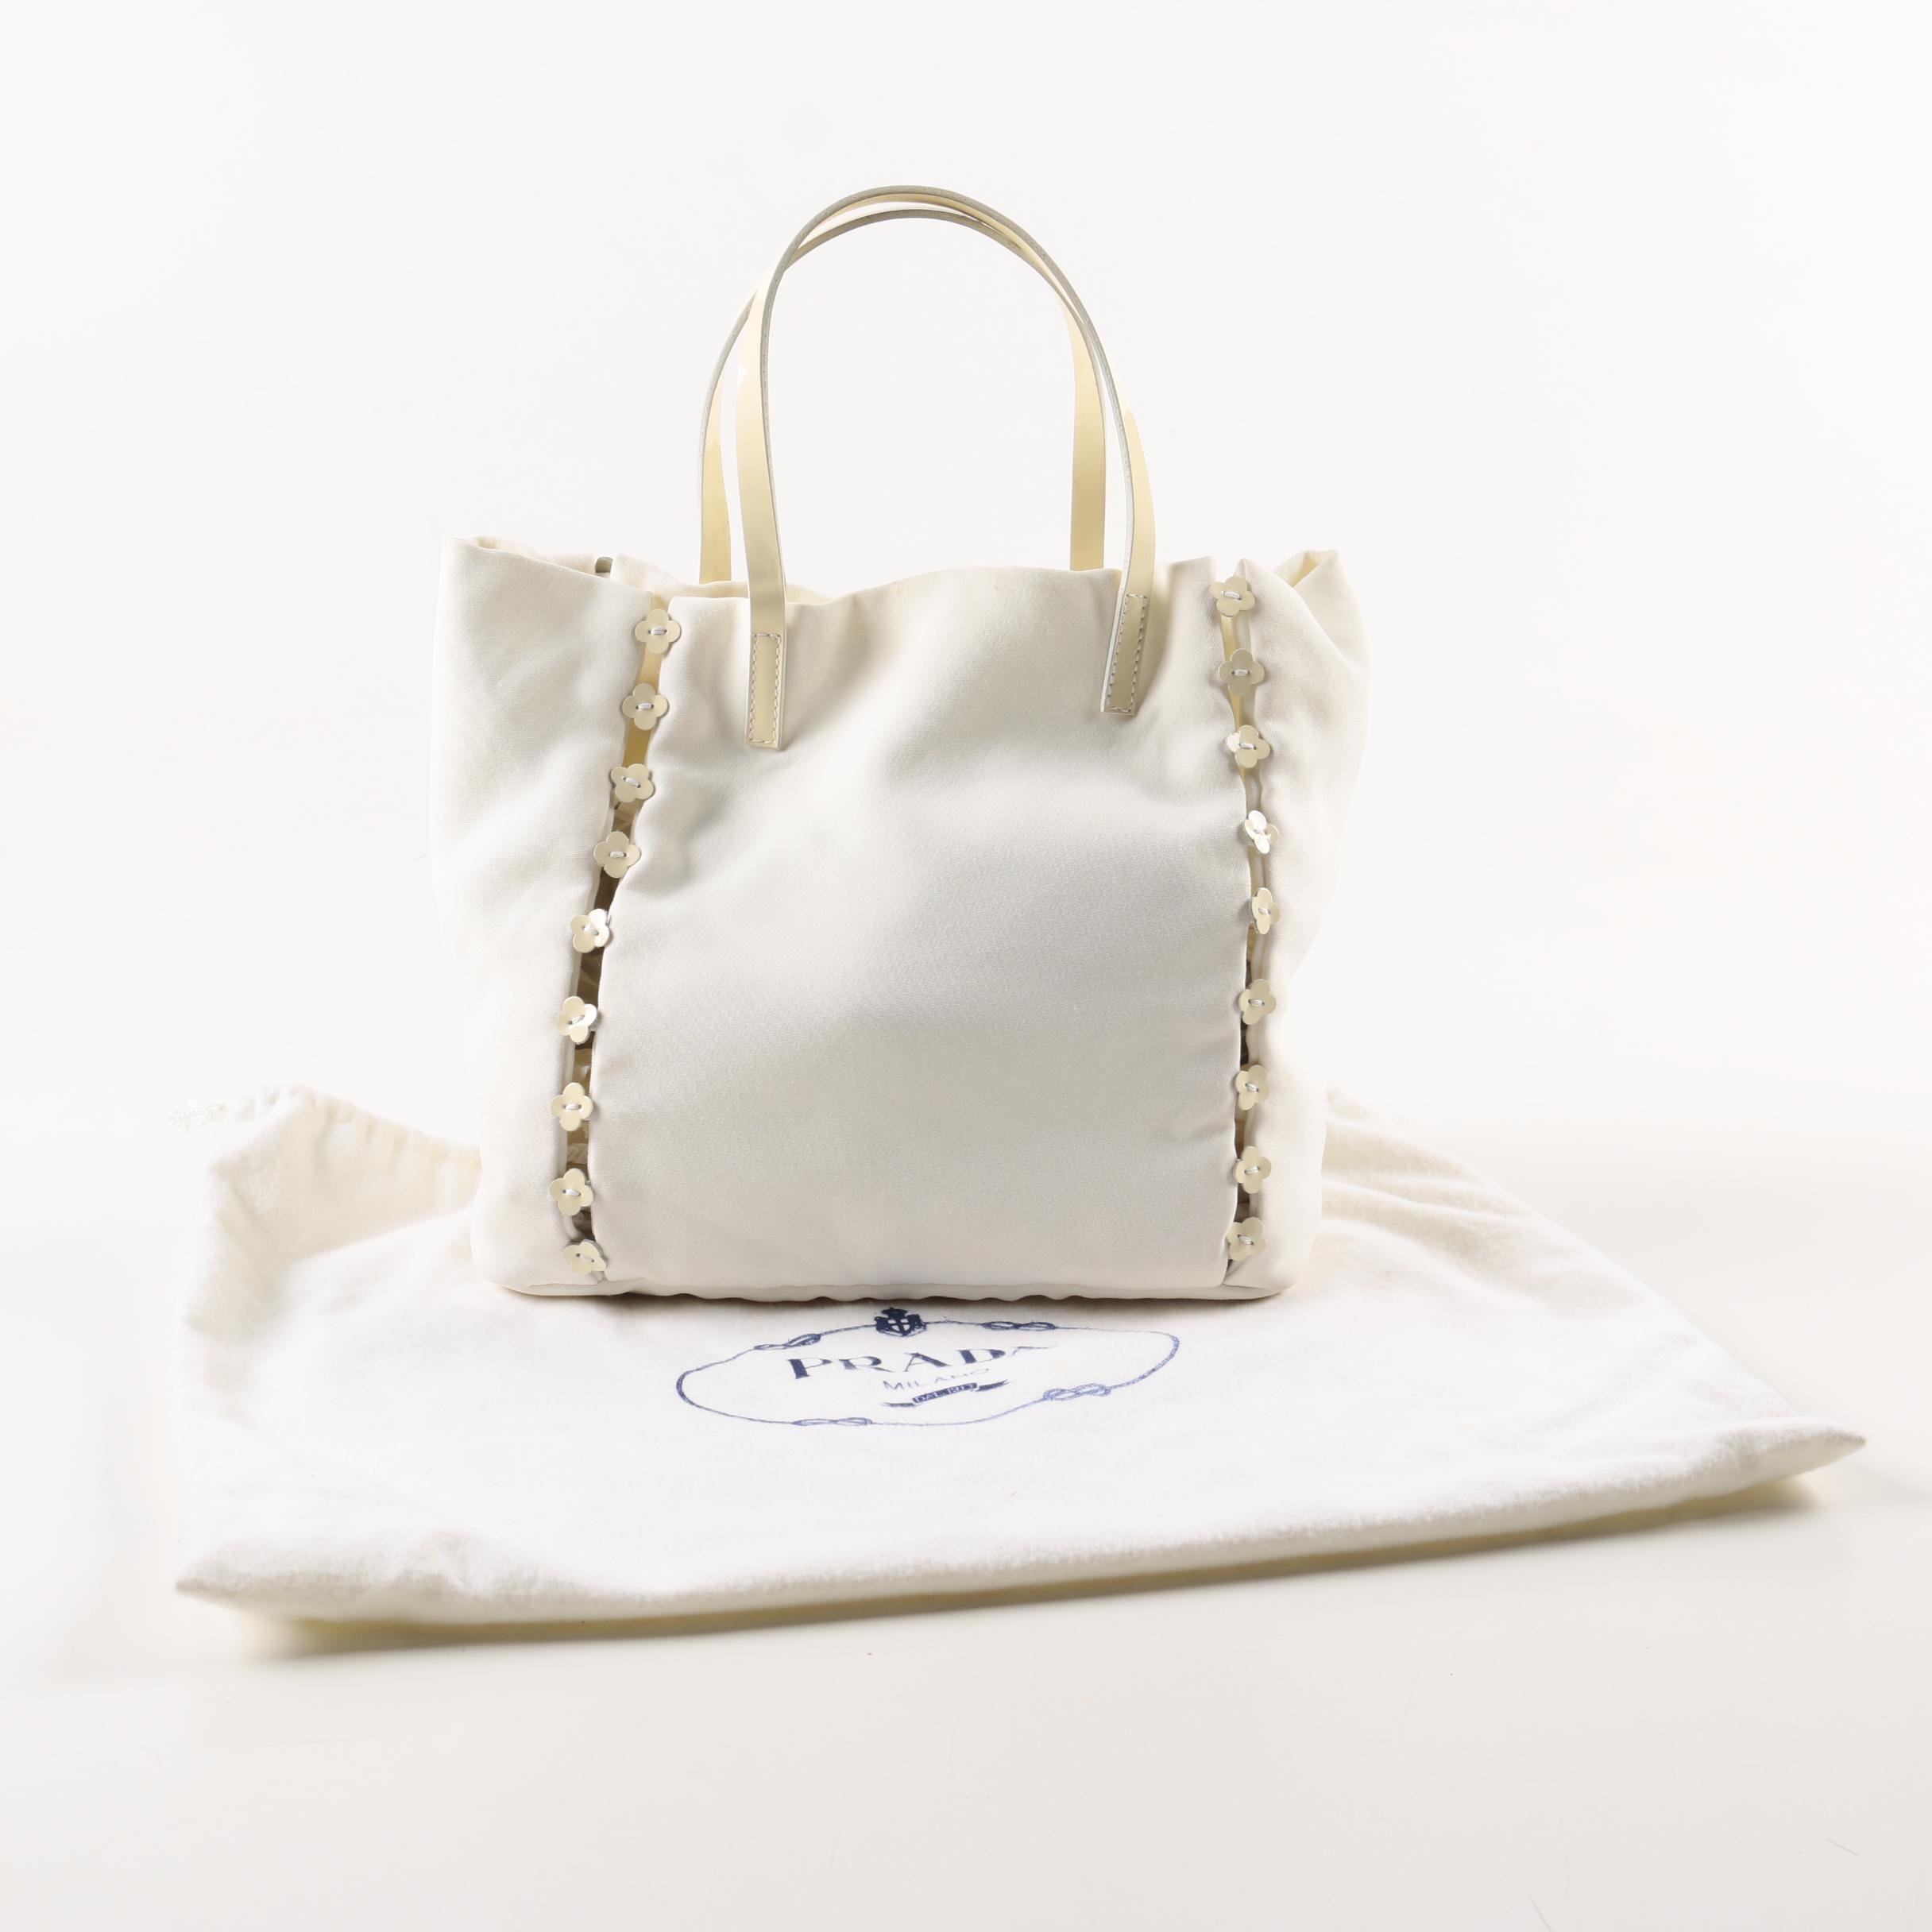 Prada Floral Tote Bag